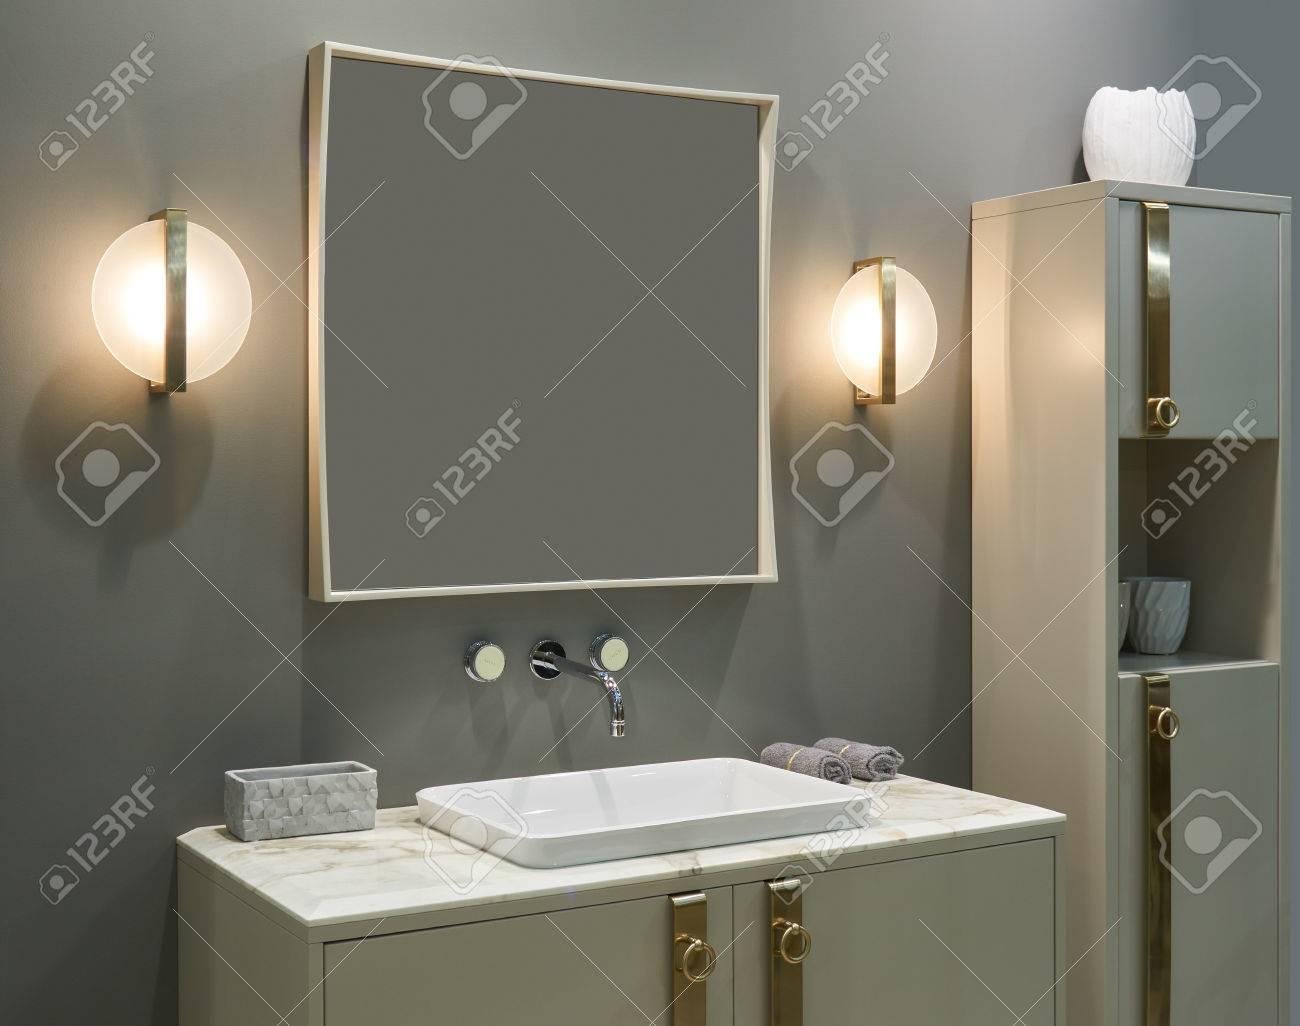 Cuarto De Baño Interior De Lujo: Mezclador De Pared, Lavabo ...